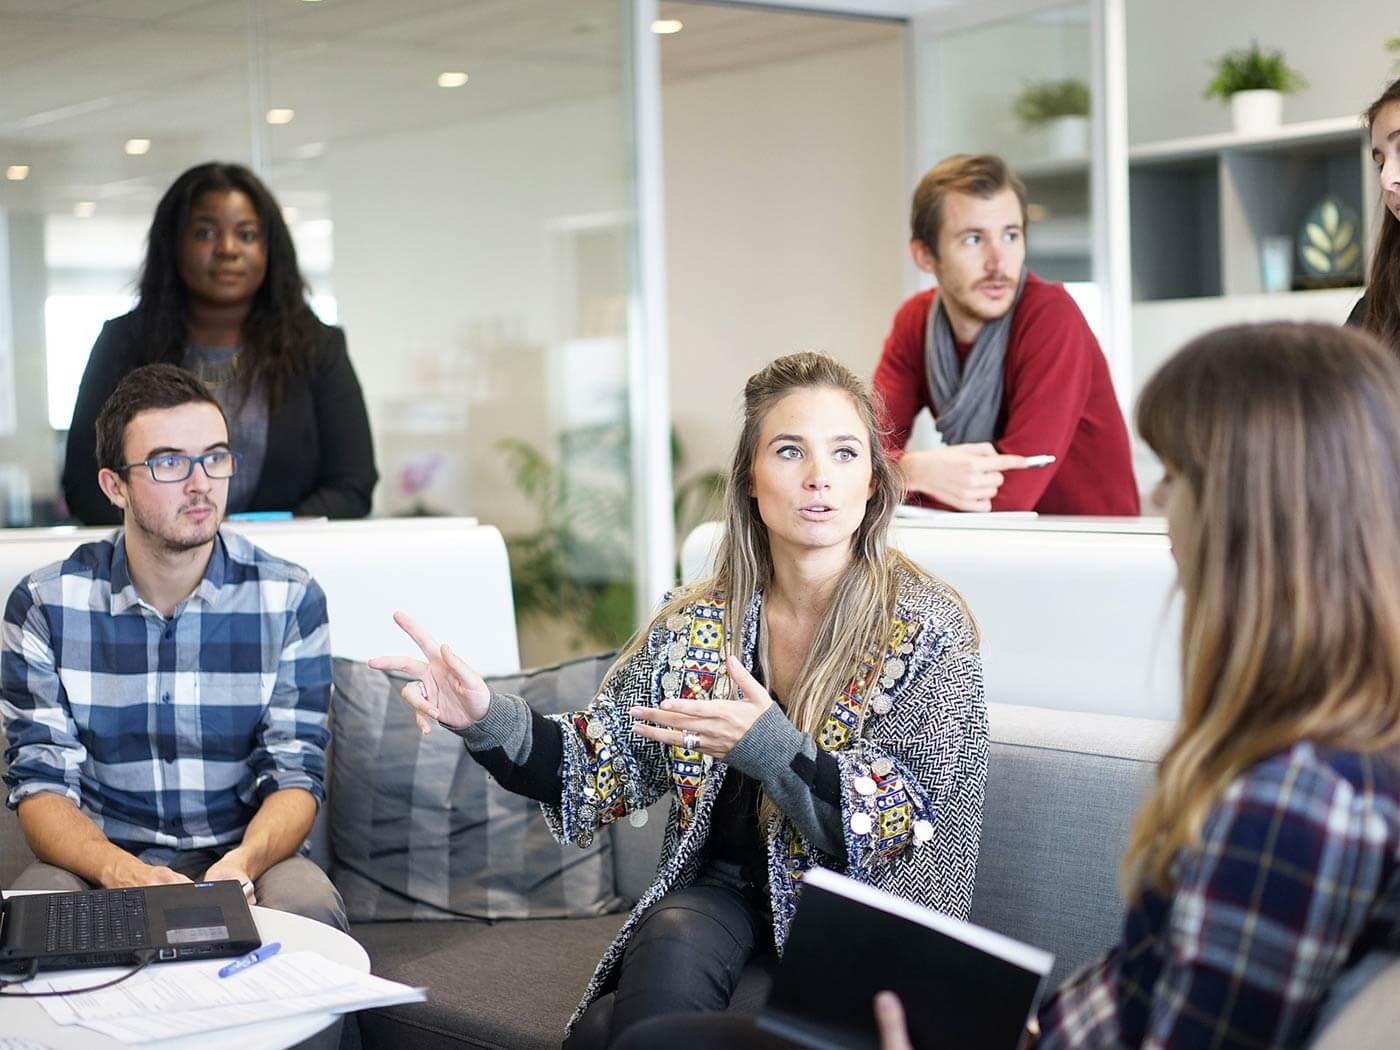 Agile business – Kinh doanh nhanh và linh hoạt kết hợp CNTT trong trạng thái bình thường mới – Phần 1